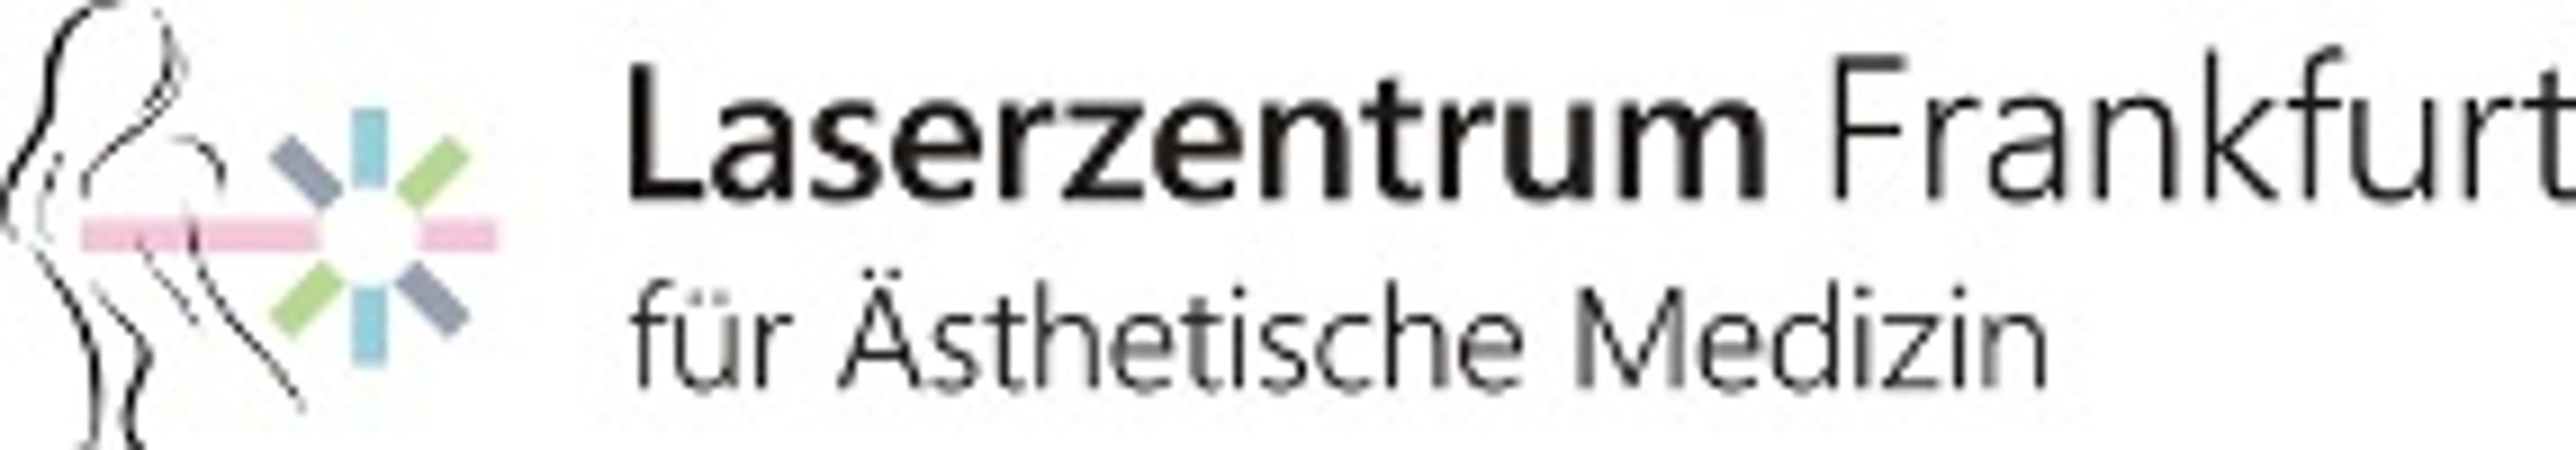 Bild zu Laserzentrum für Ästhetische Medizin in Frankfurt am Main